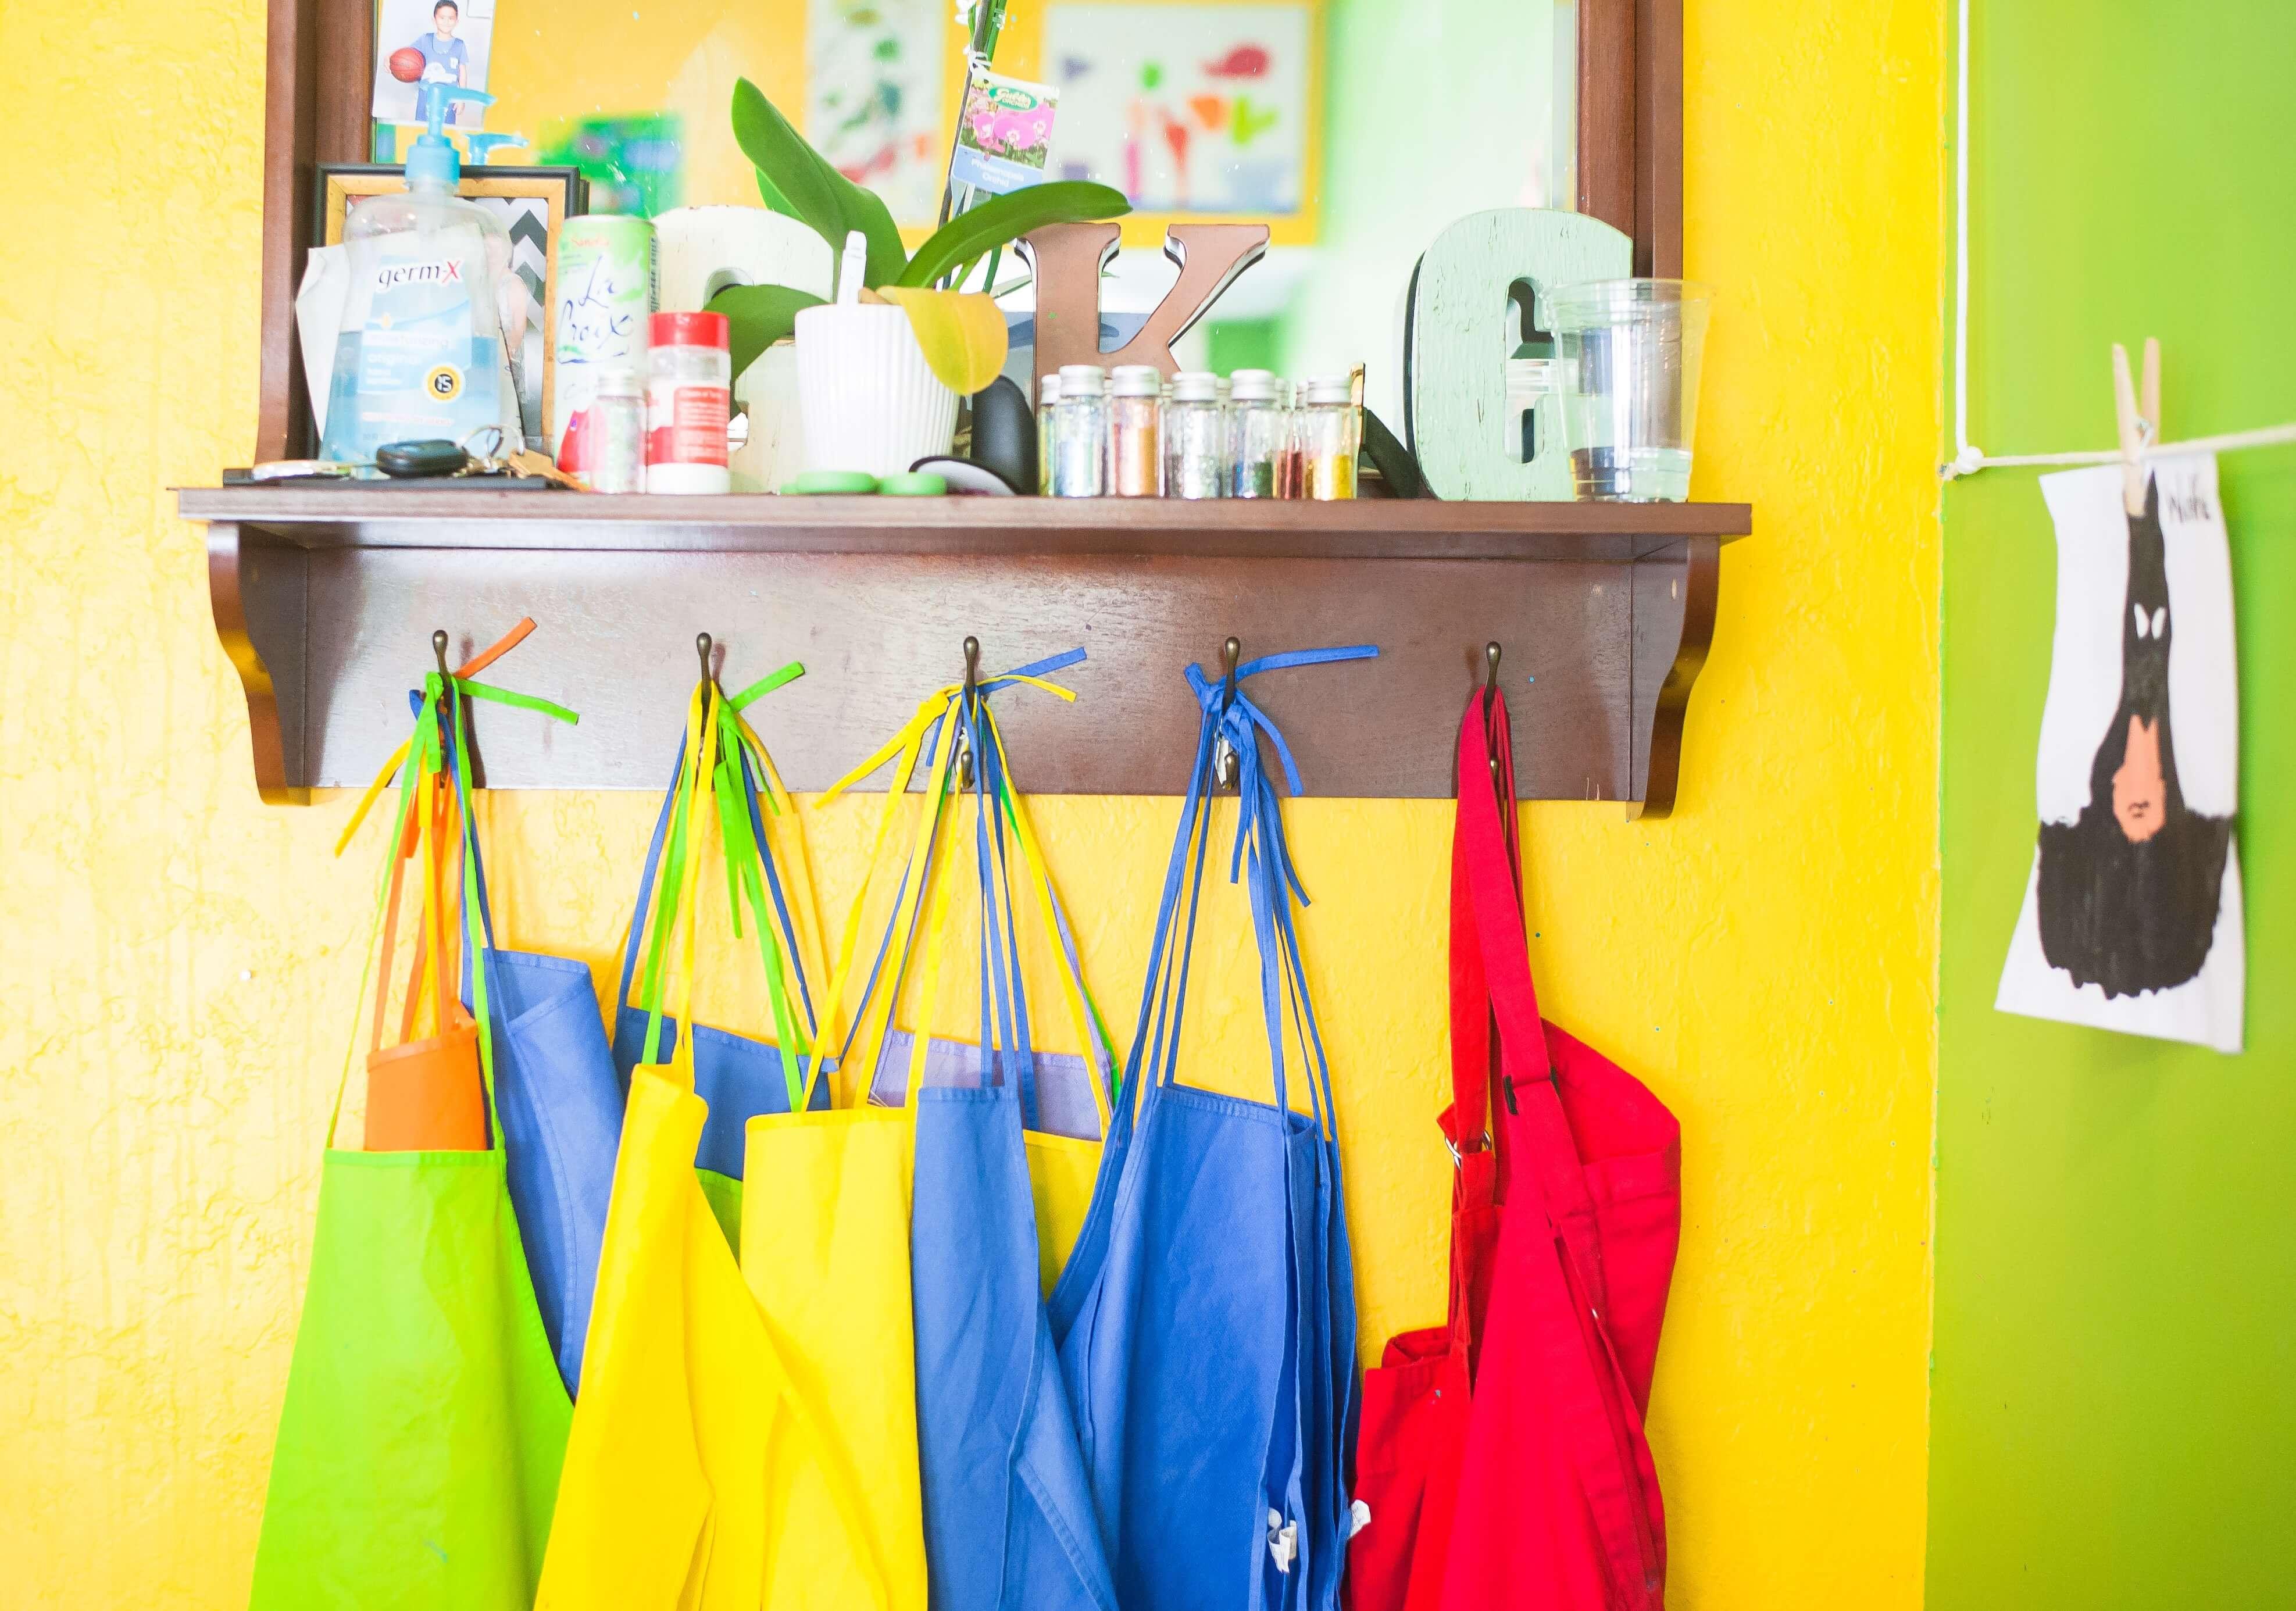 Wielorazowe torby na zakupy l Chomik Gdów